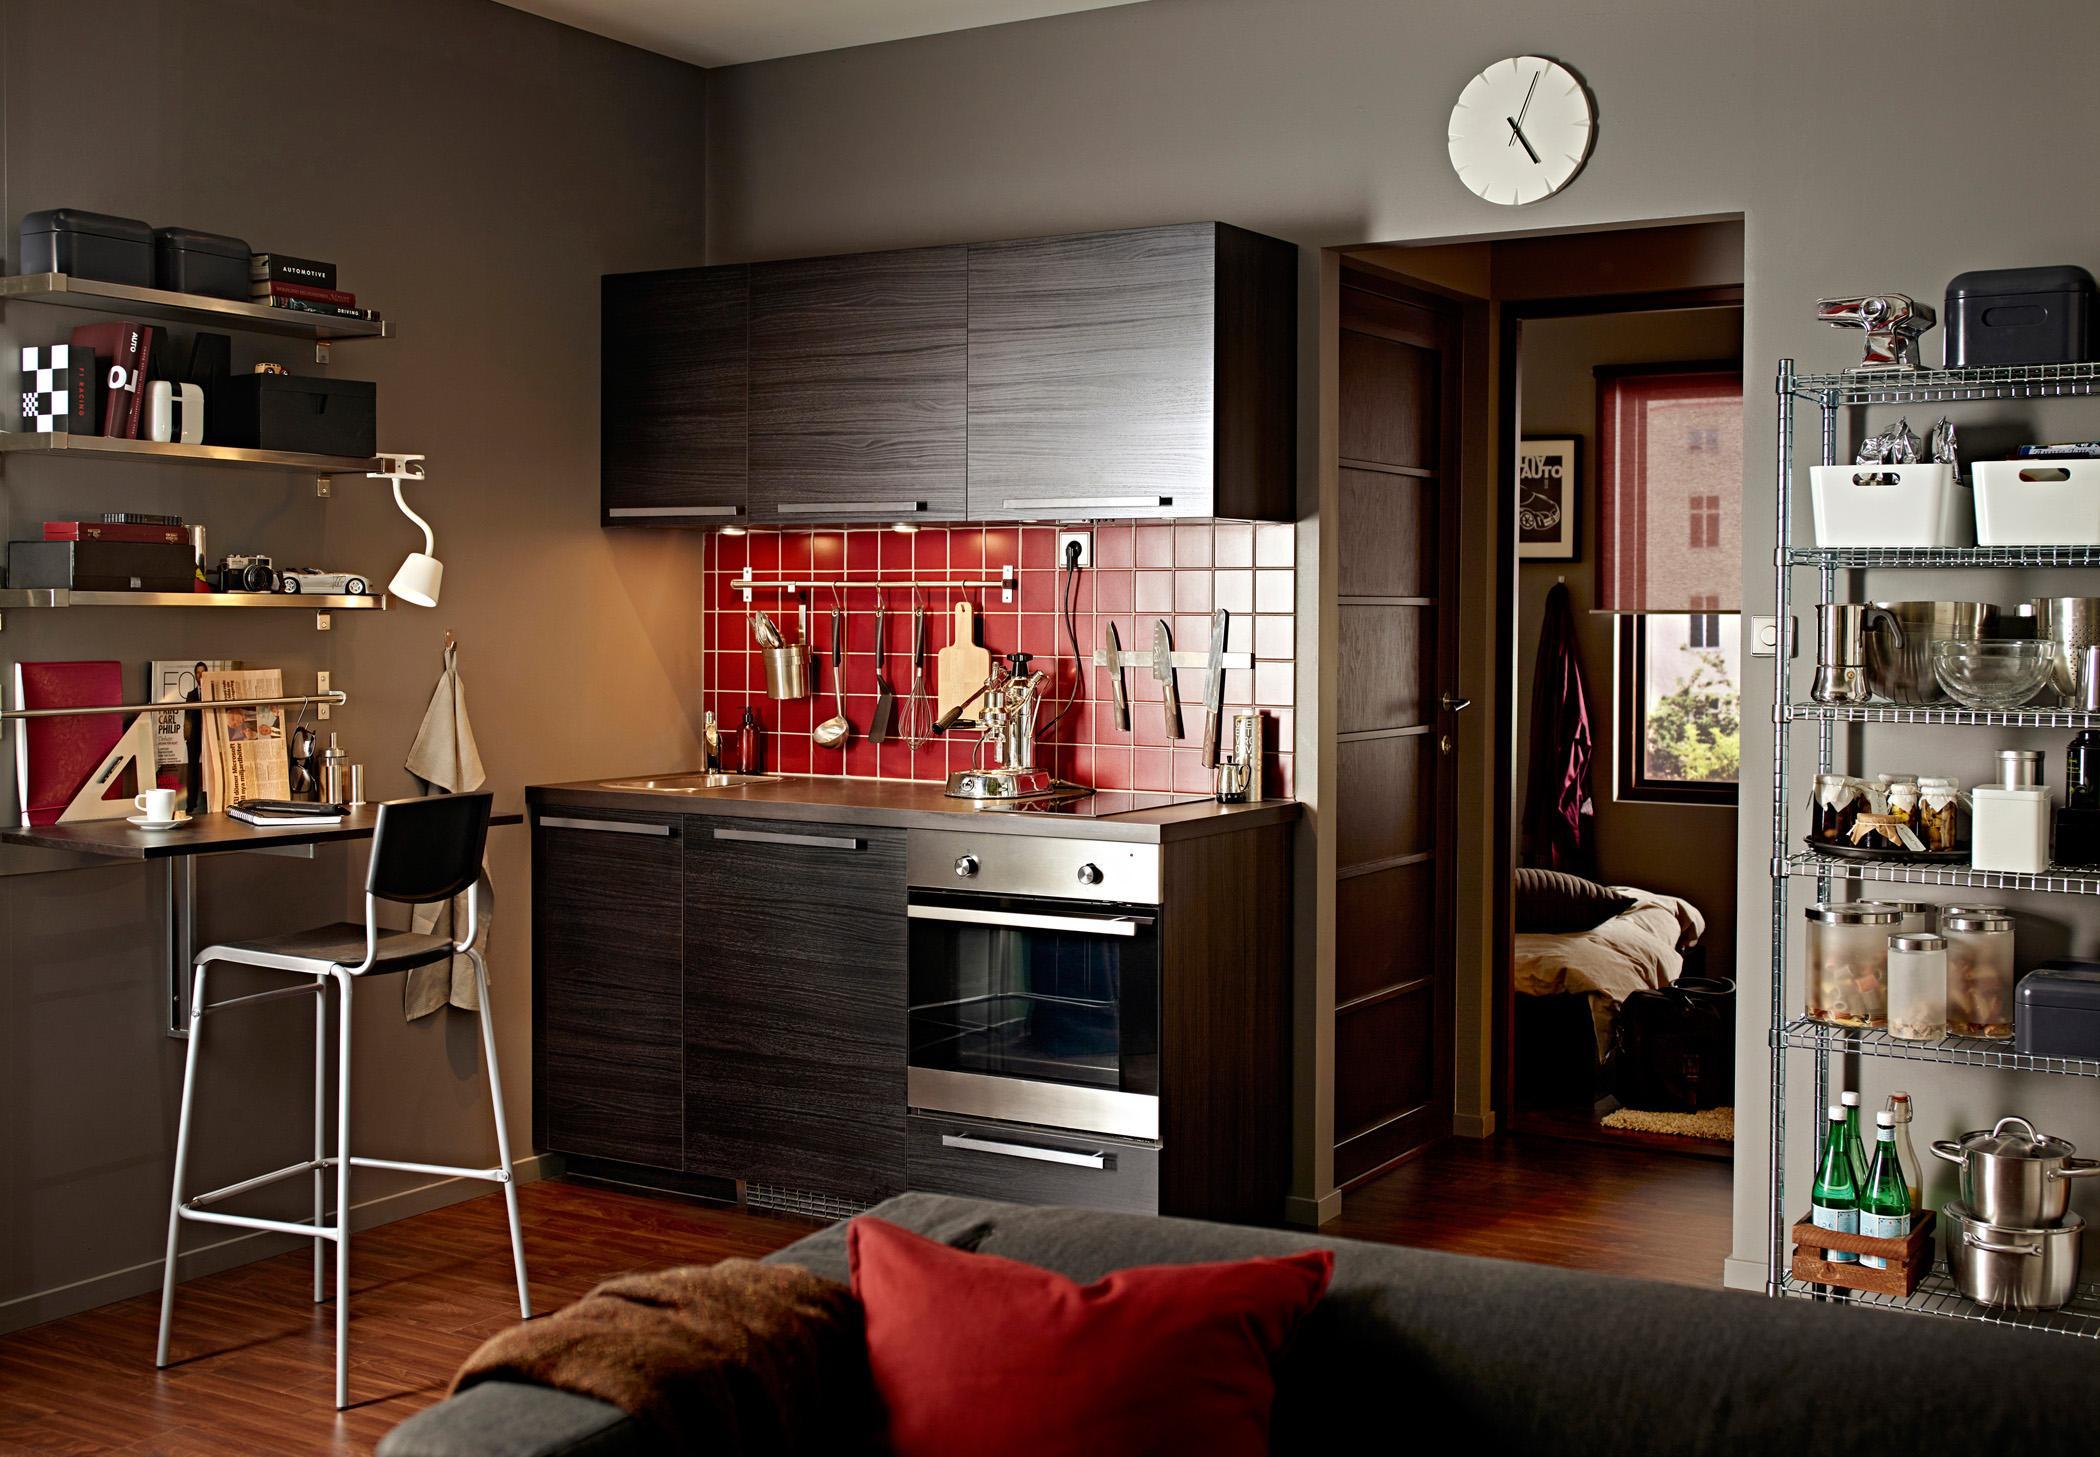 Full Size of Pantryküche Ikea Küche Kosten Sofa Mit Schlaffunktion Miniküche Kühlschrank Kaufen Modulküche Betten Bei 160x200 Wohnzimmer Pantryküche Ikea